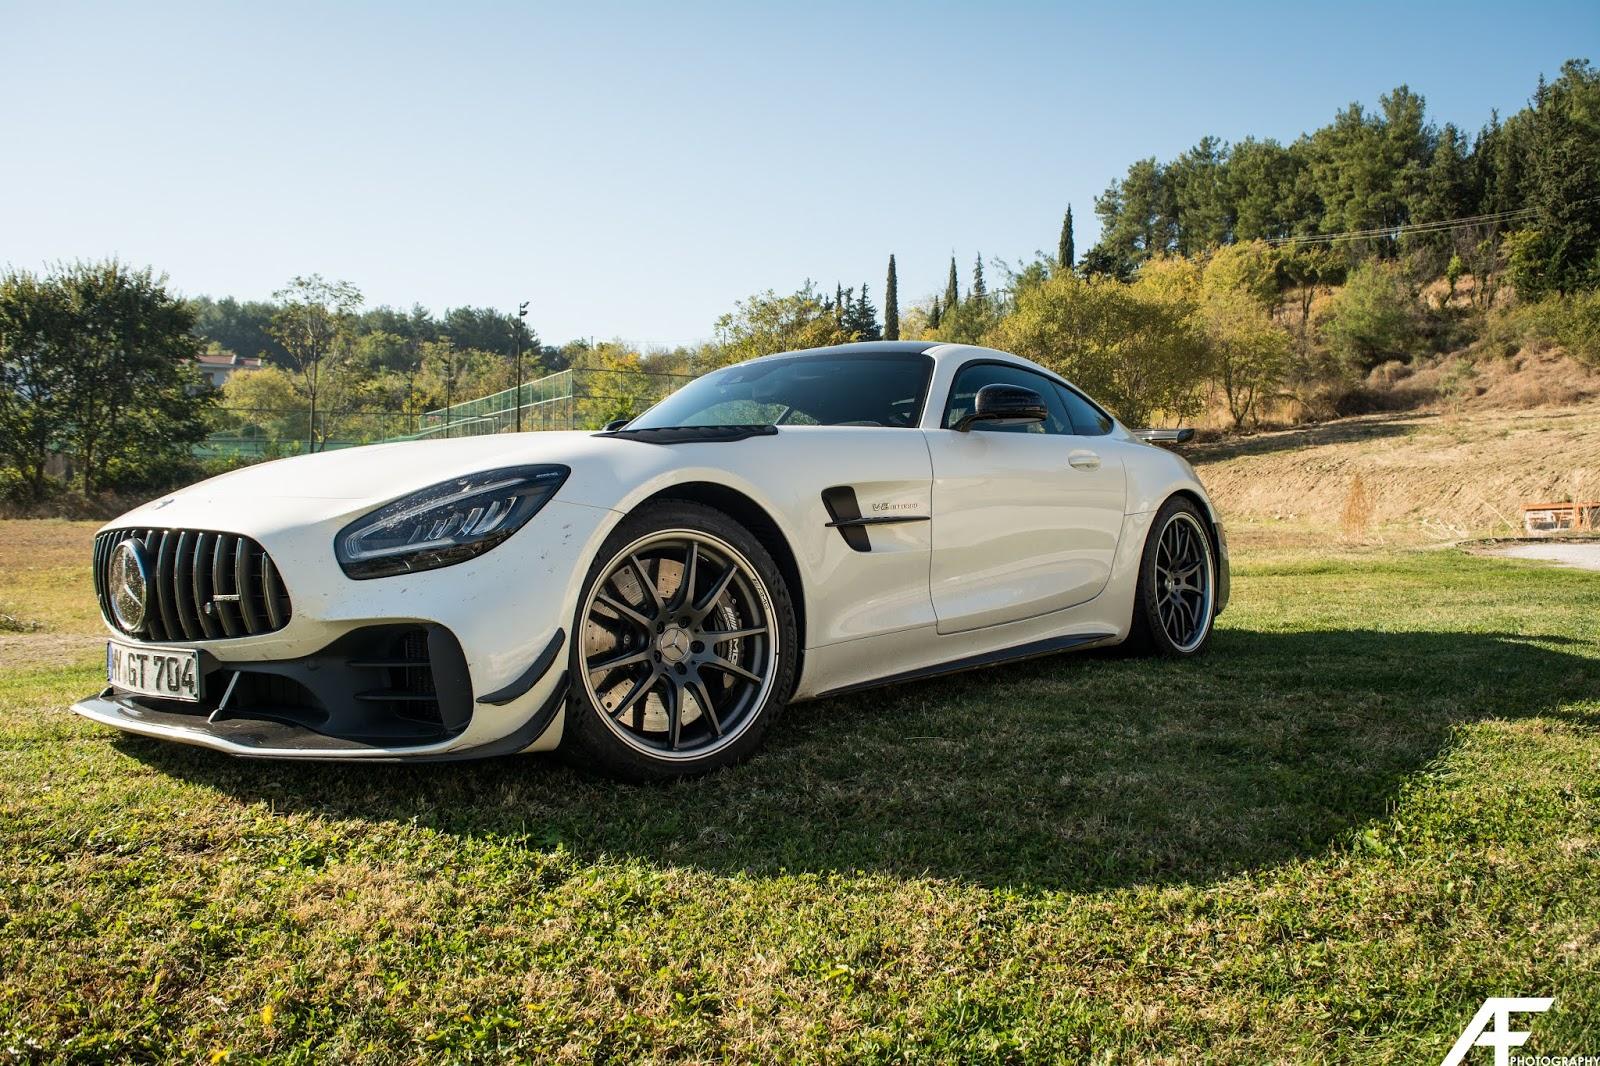 DSC 0002 1 Πώς είναι να ζεις με μία Mercedes-AMG GT R Pro